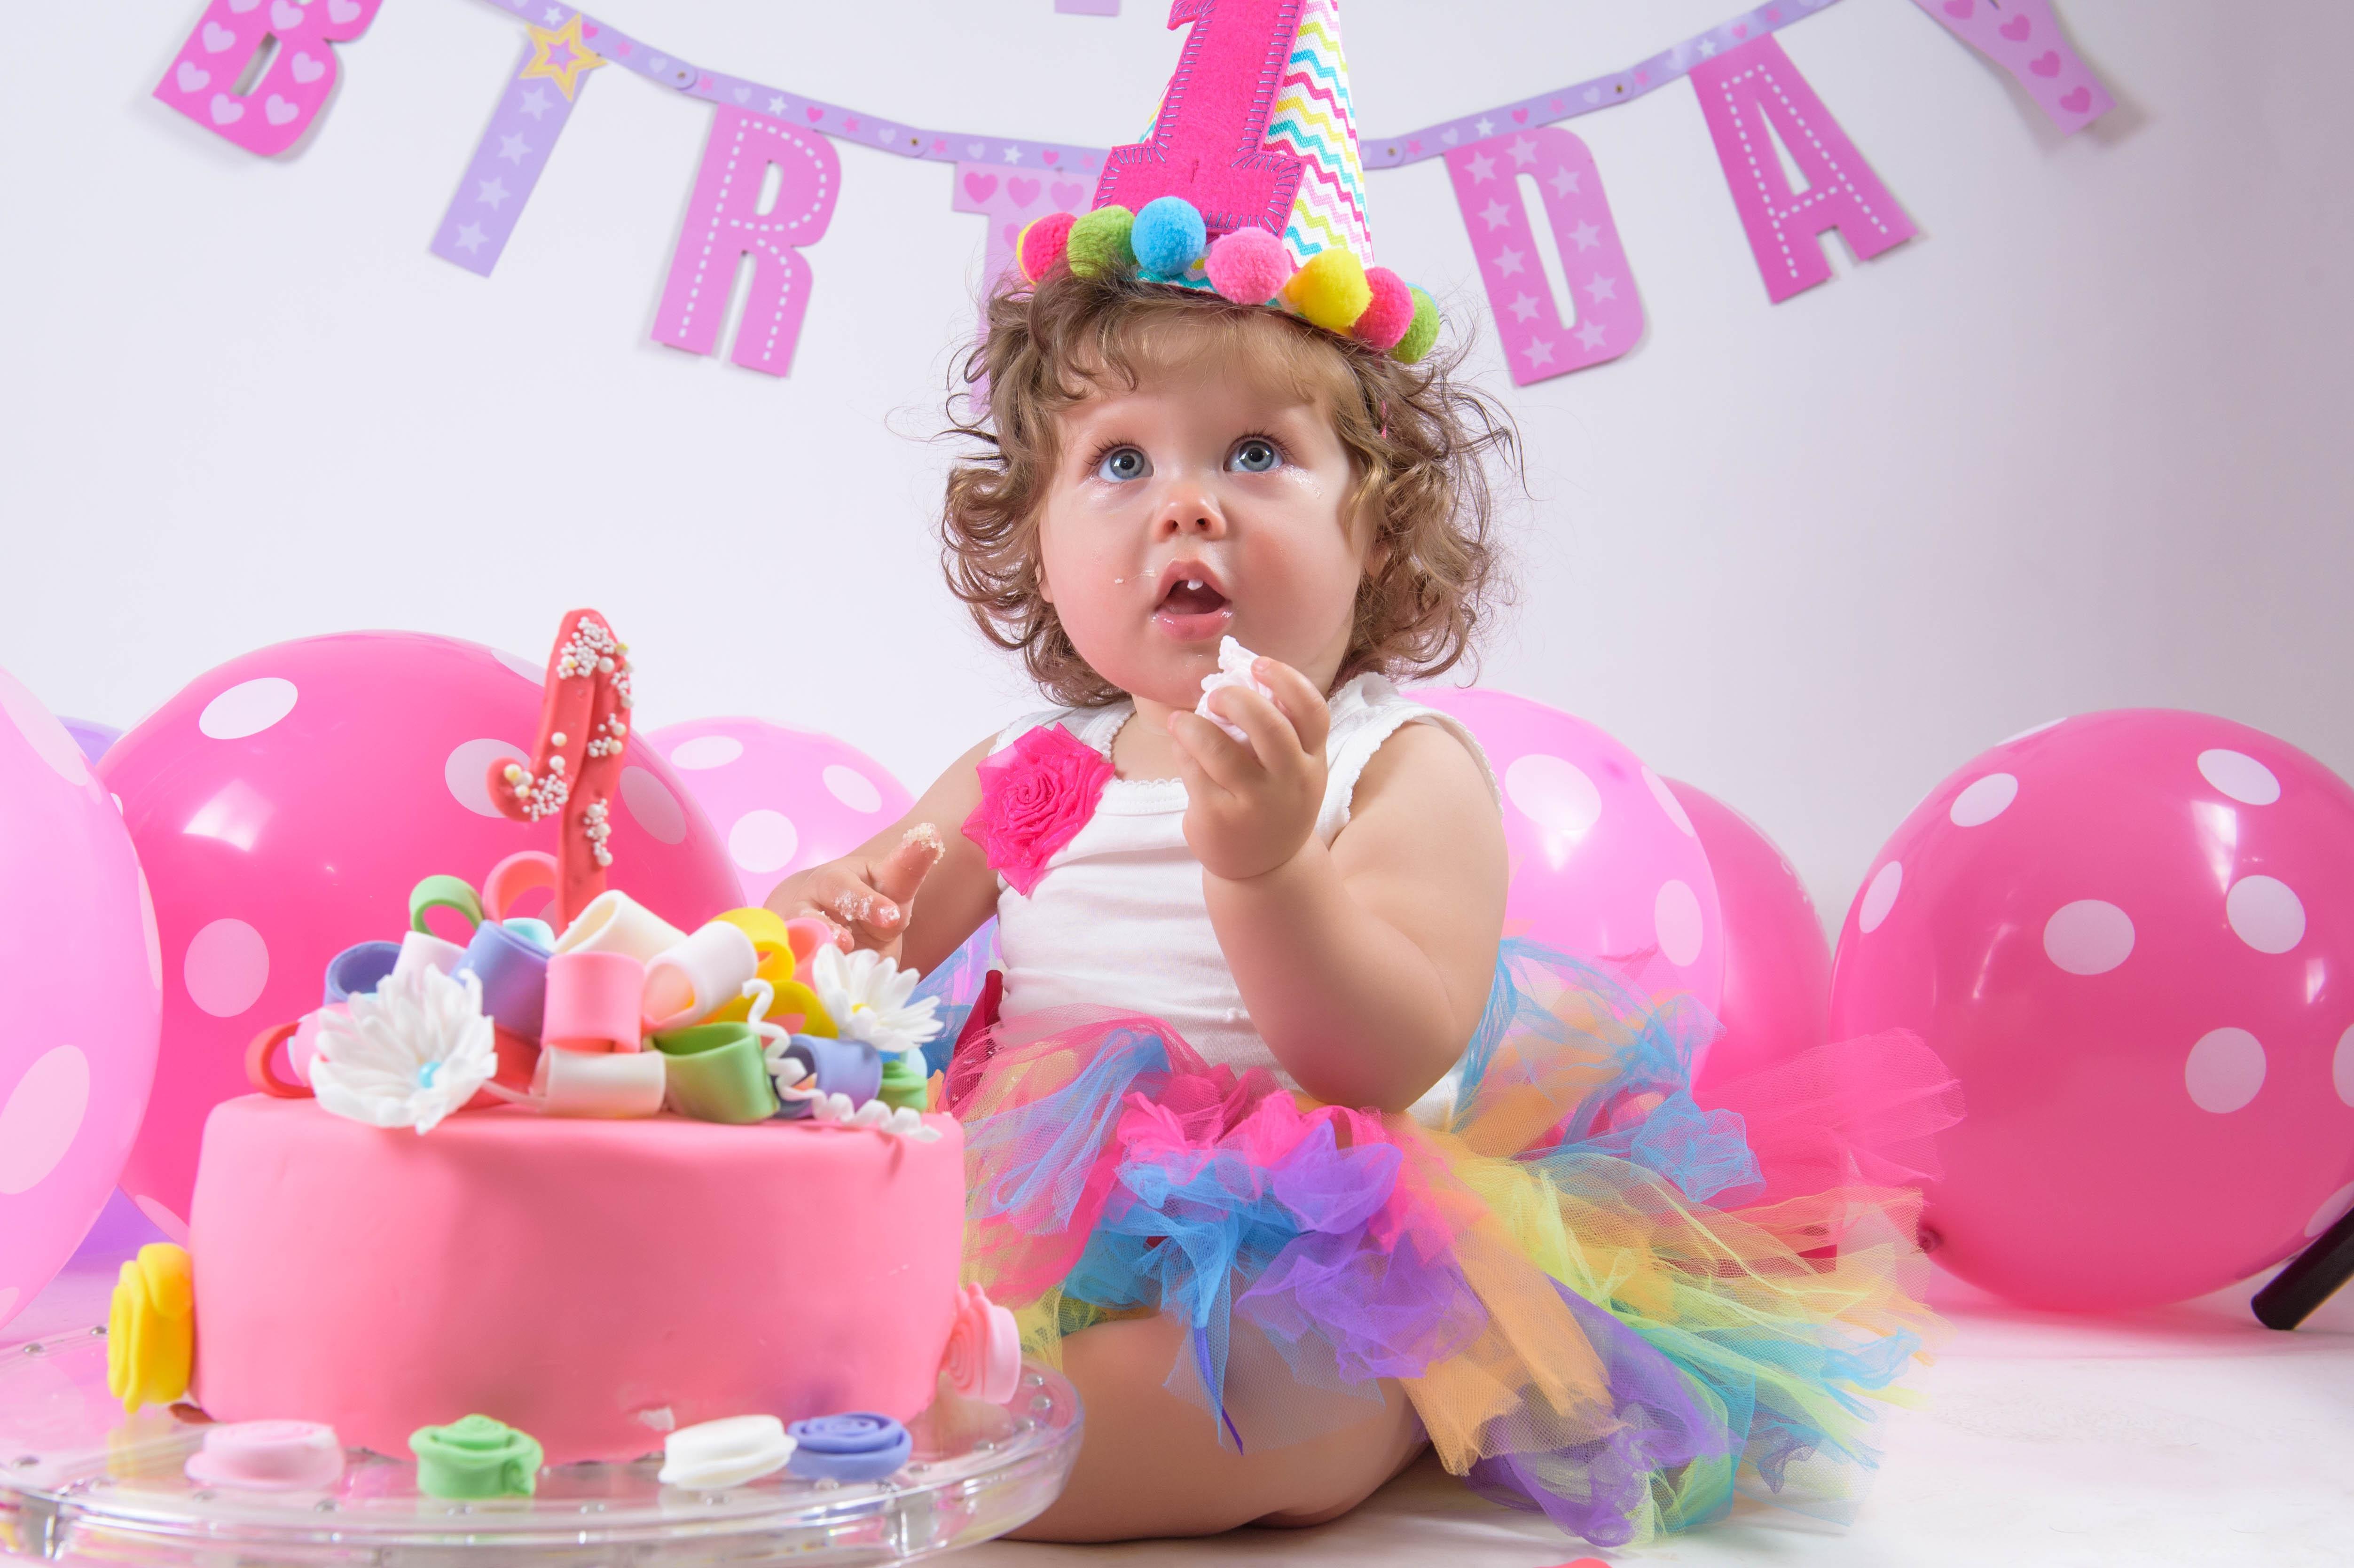 Прикольные картинки про день рождения ребенка